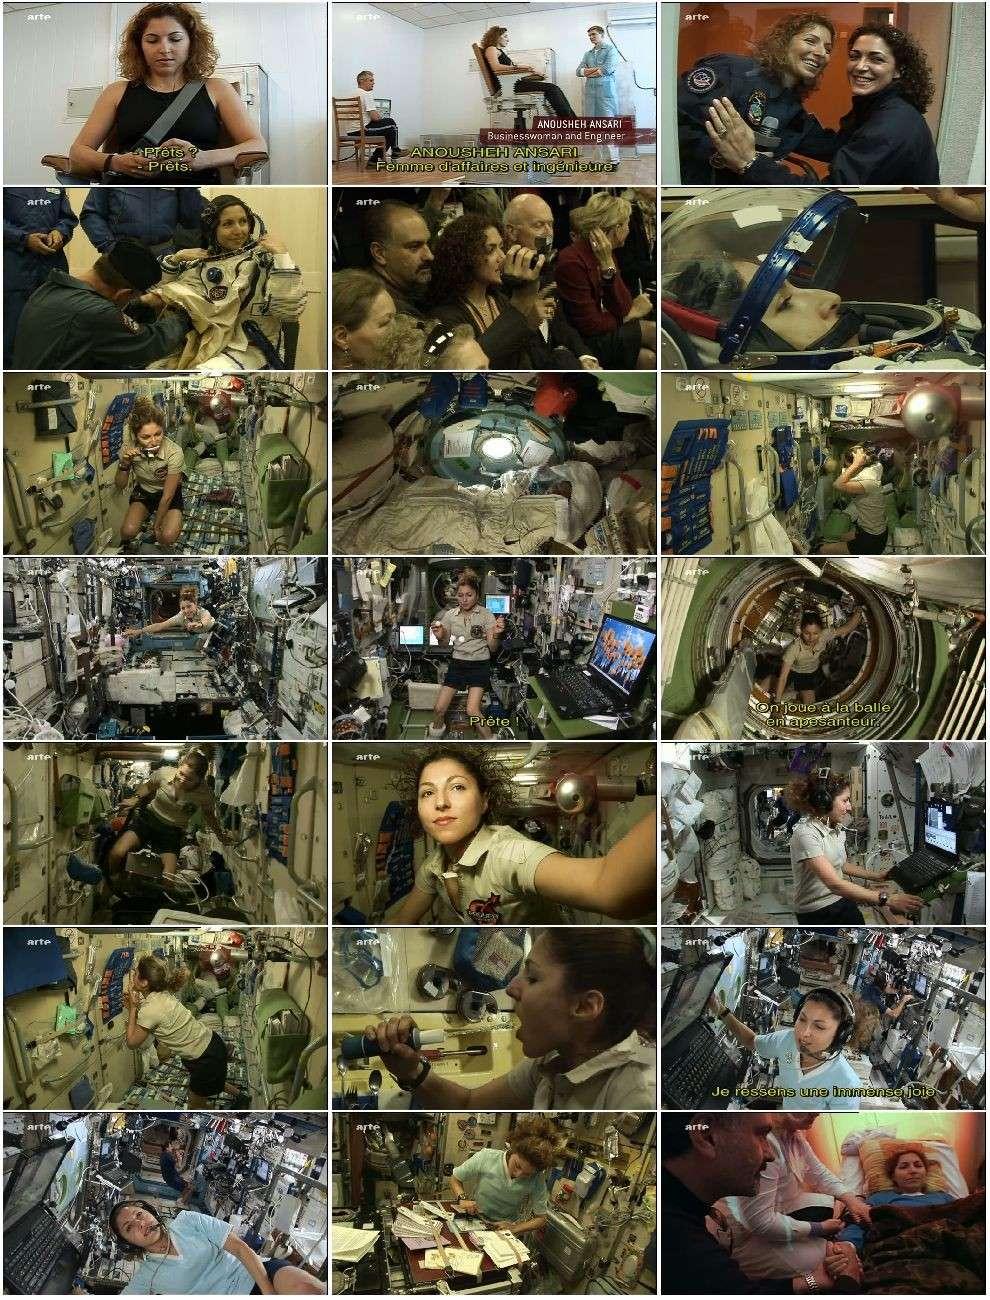 ARTE: Space Tourists Anzari10